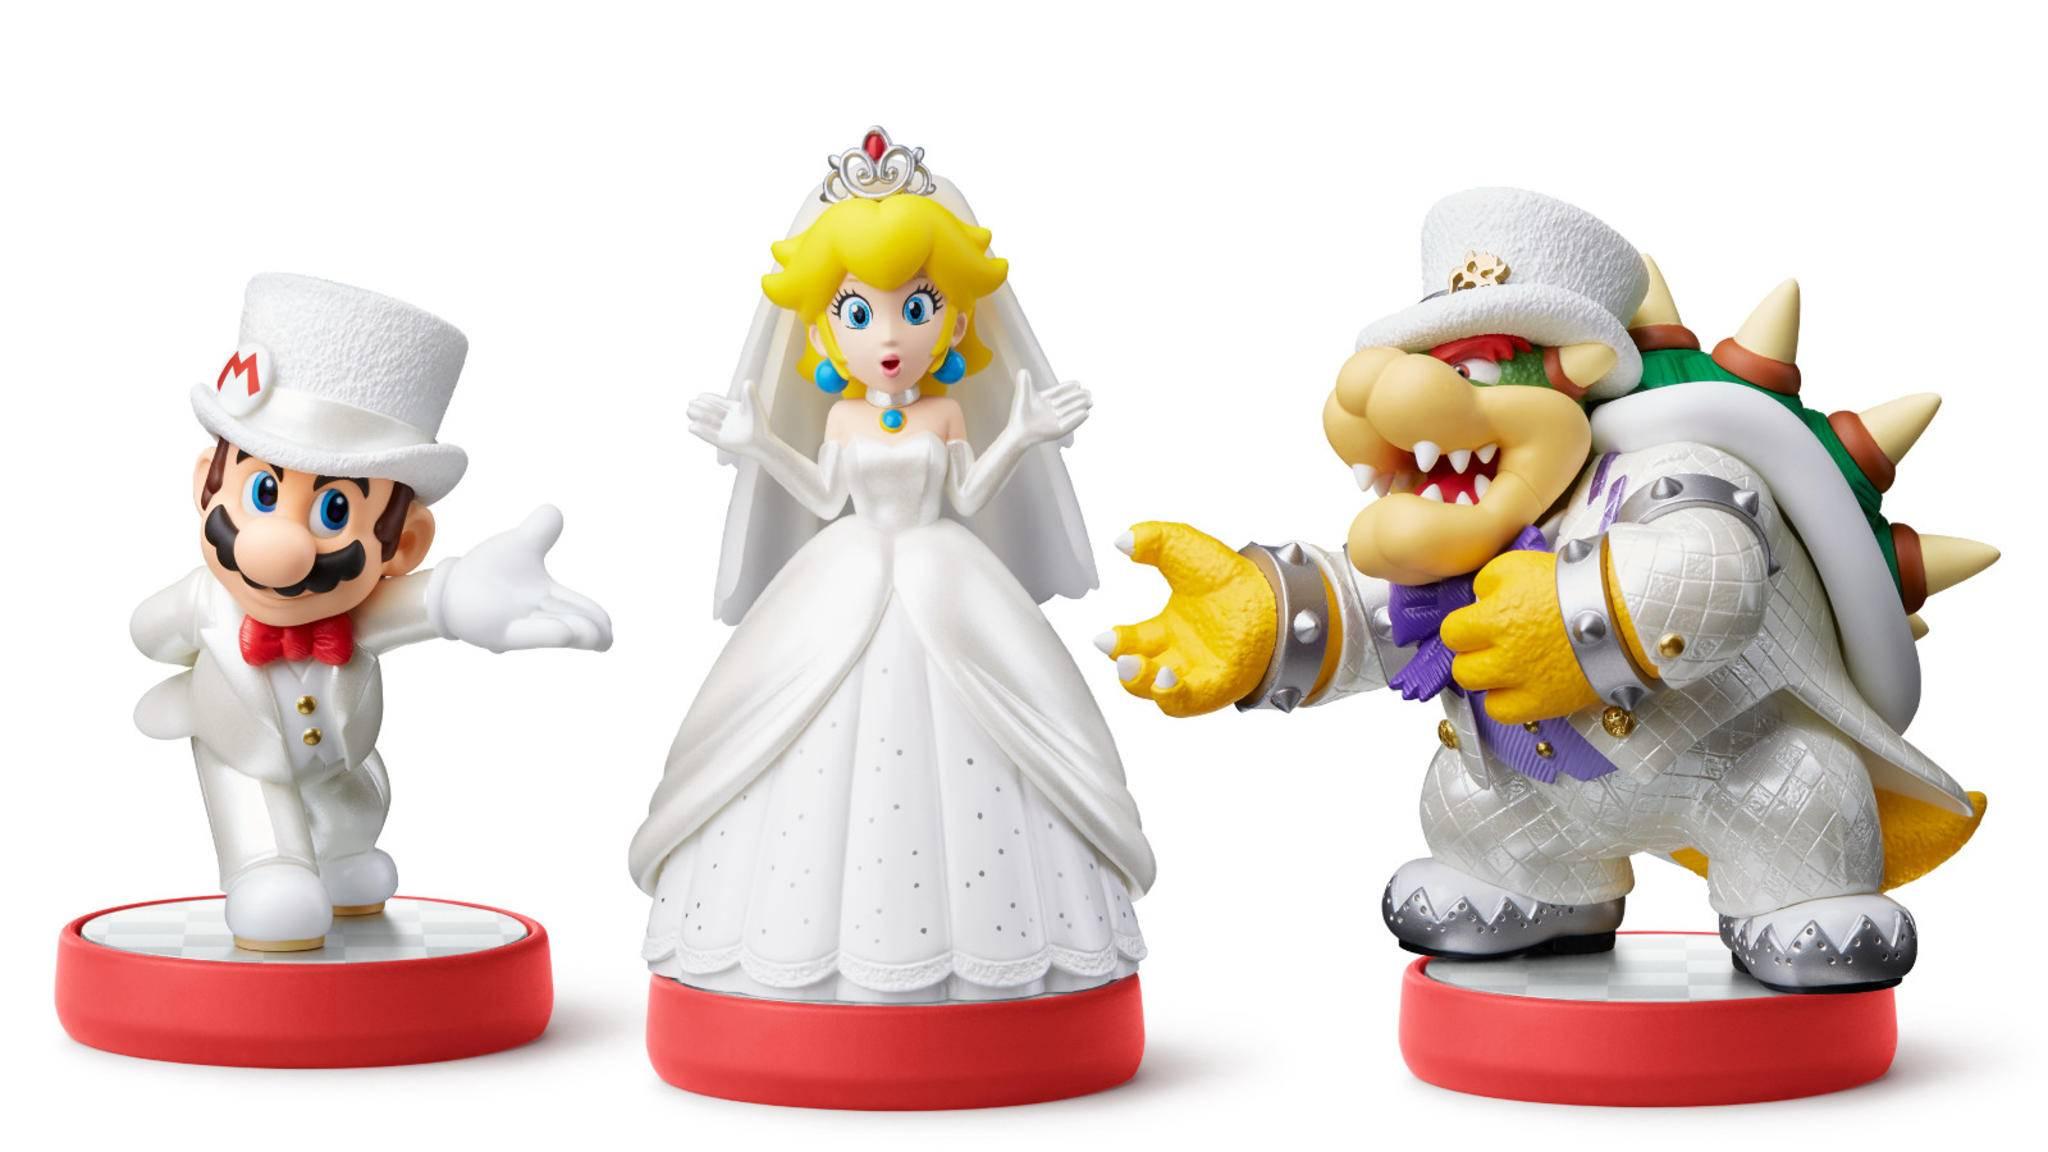 """Die drei Hochzeits-Amiibos, die zum Release von """"Super Mario Odyssey"""" erschienen sind, geben Dir hilfreiche Boni im Spiel. Aber auch alle anderen Amiibos kannst Du nutzen."""